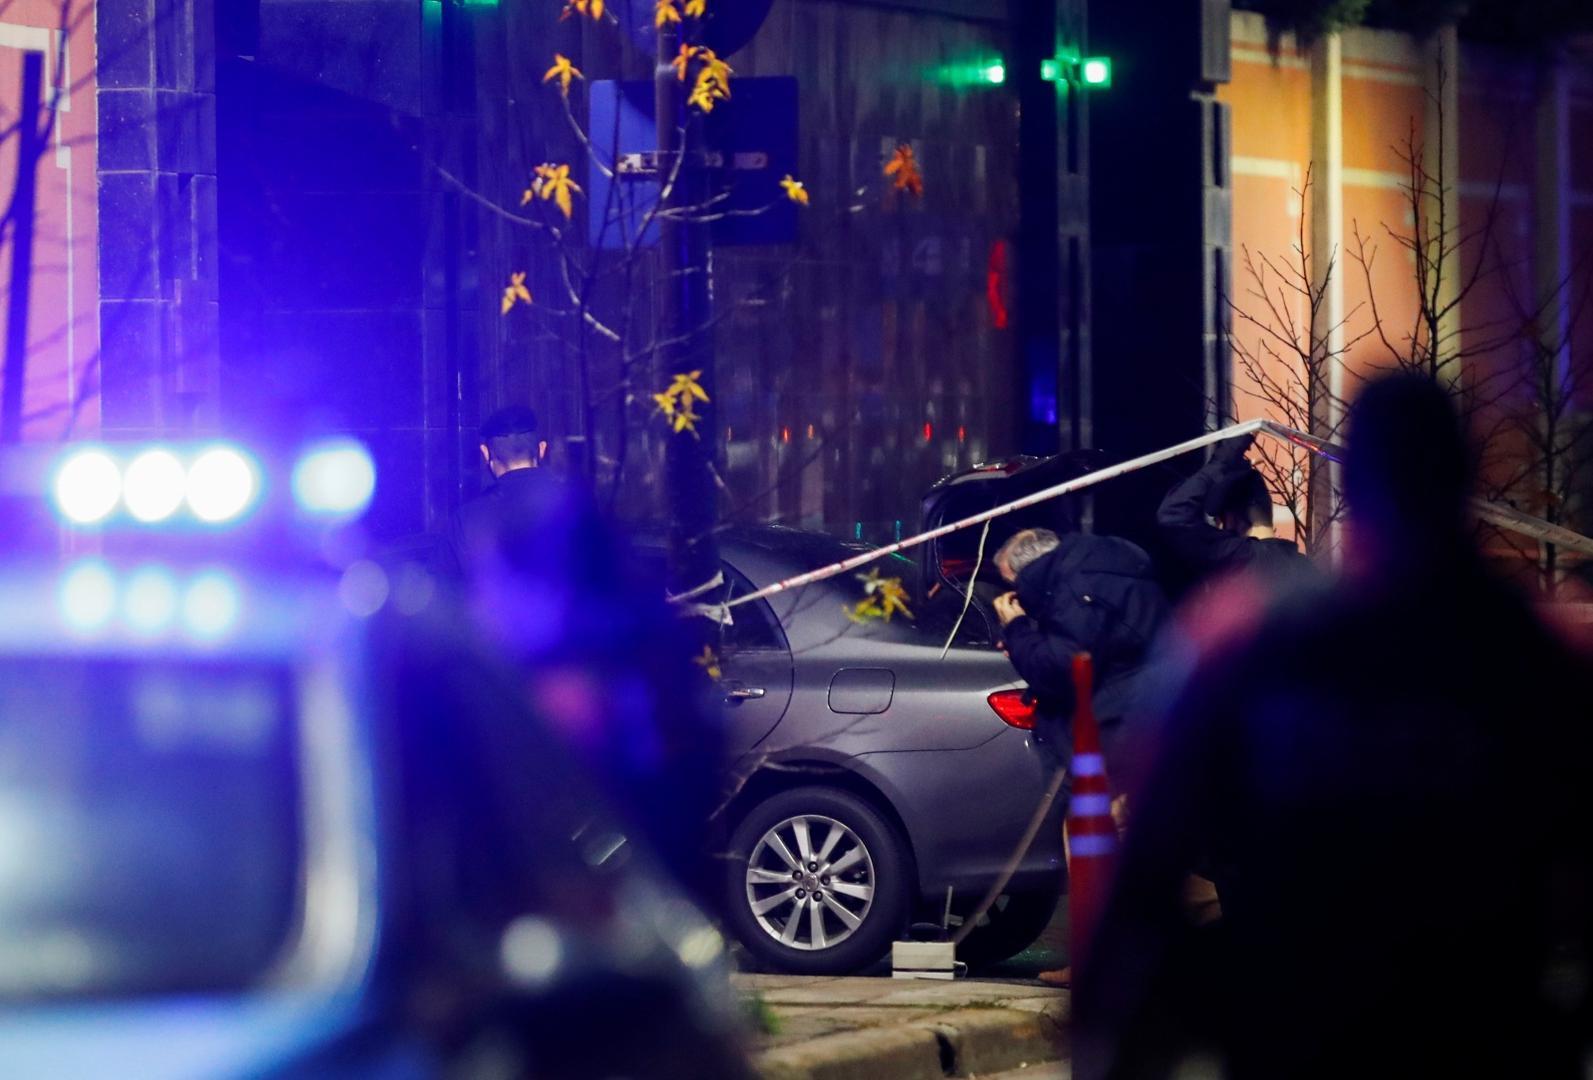 حمله یک خودرو به ساختمان سفارت چین + عکس